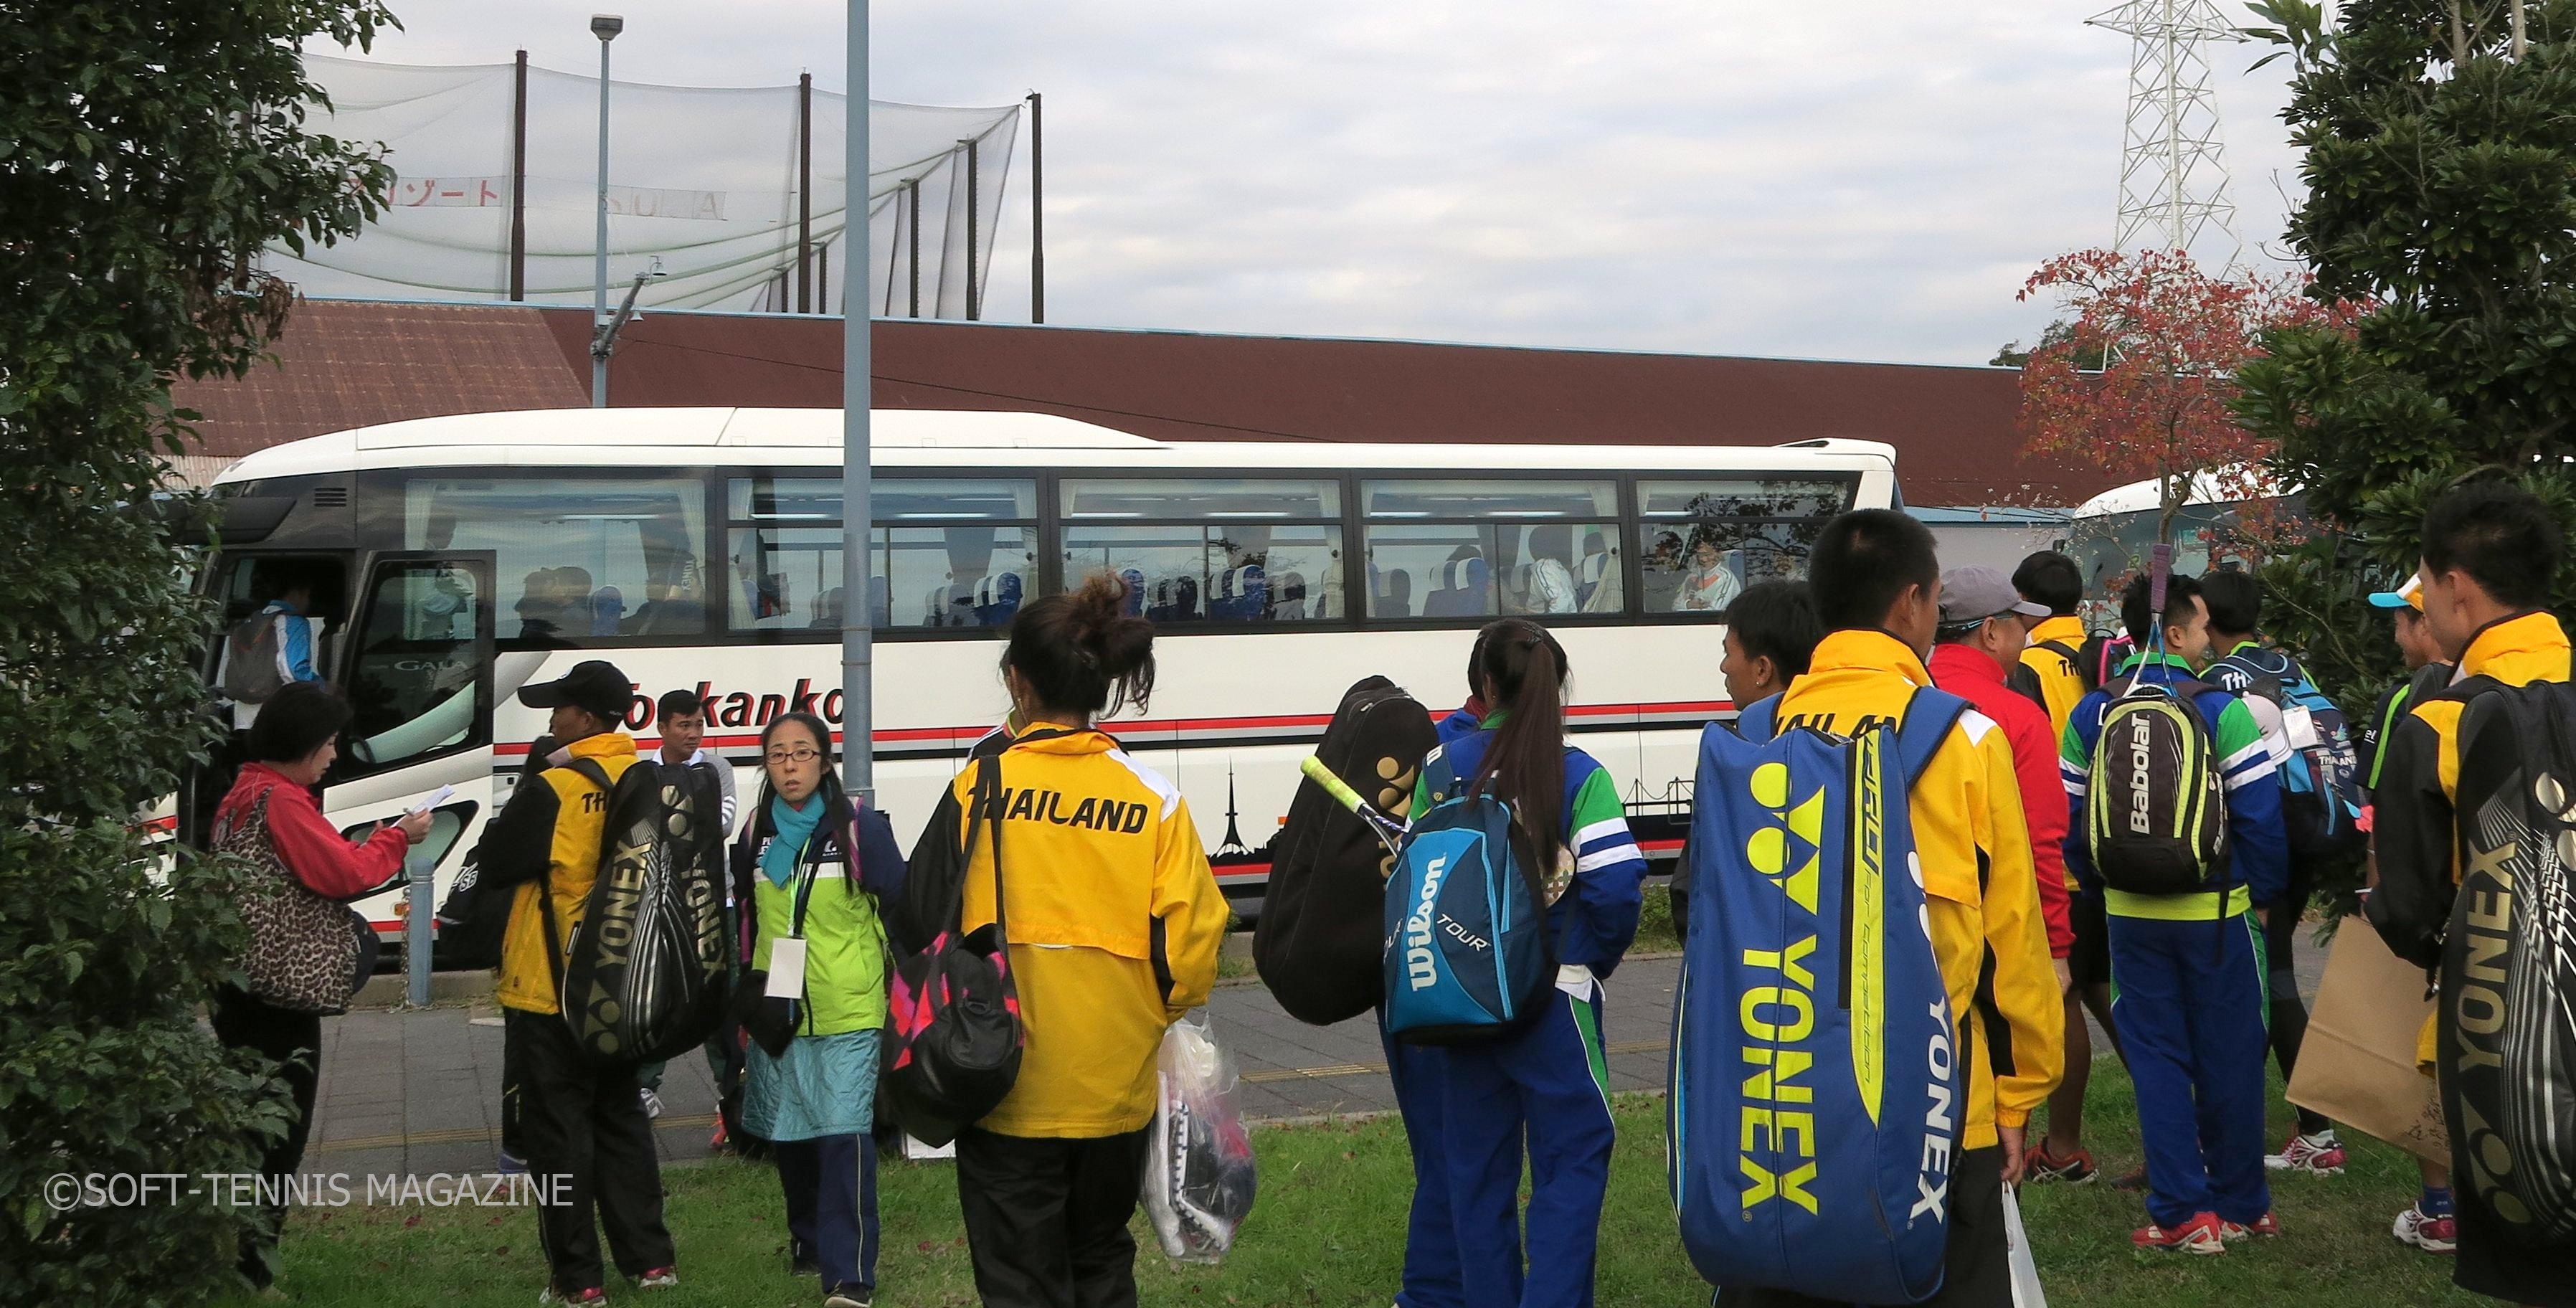 開会式までフクダ電子ヒルスコートで練習した男子日本代表。多くの選手がバスで開会式へ移動